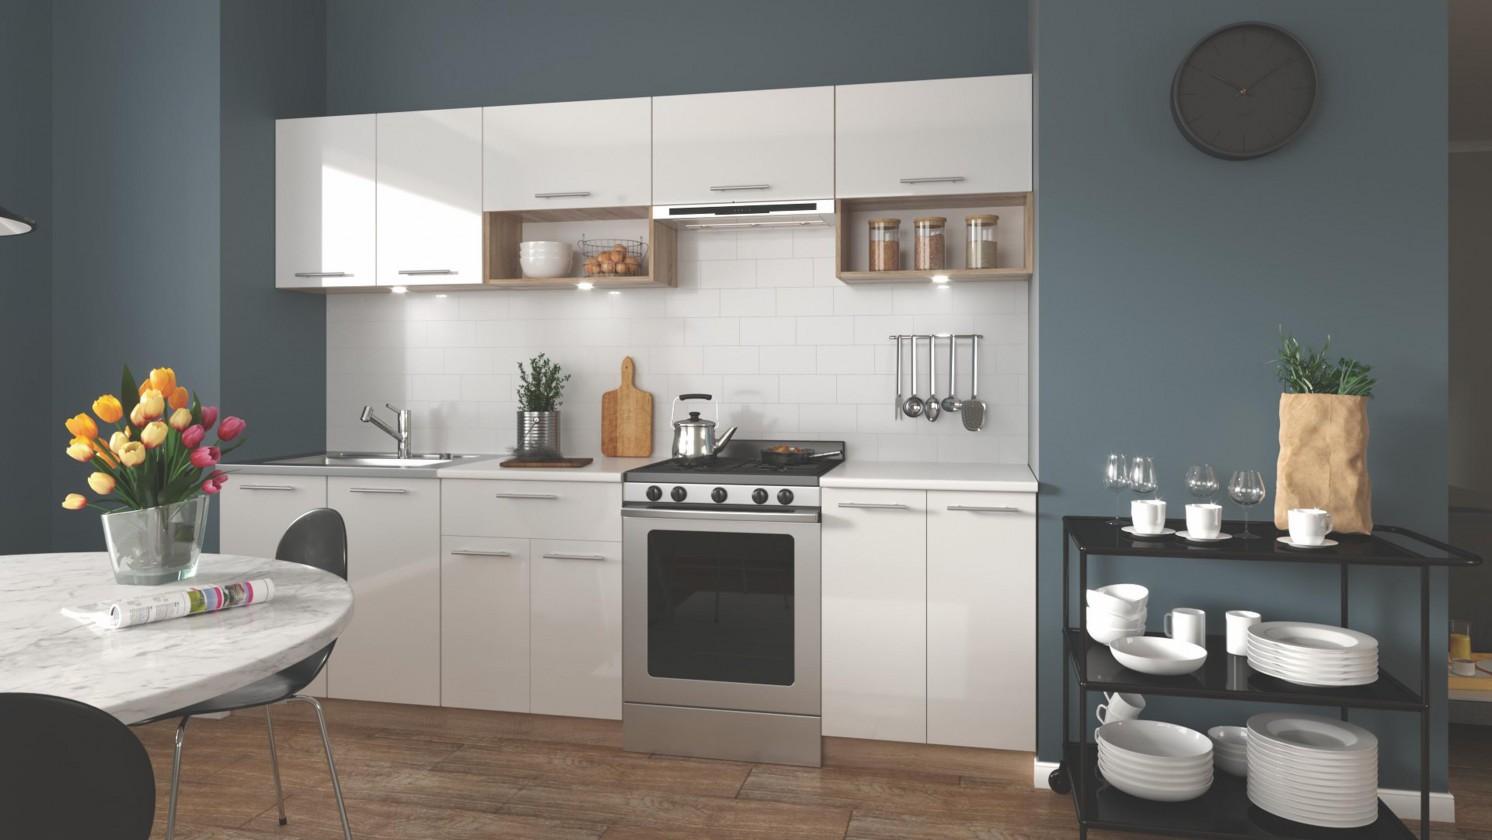 Zlevněné kuchyně, jídelny Kuchyně Viola - 260 cm (bílá/dub sonoma)